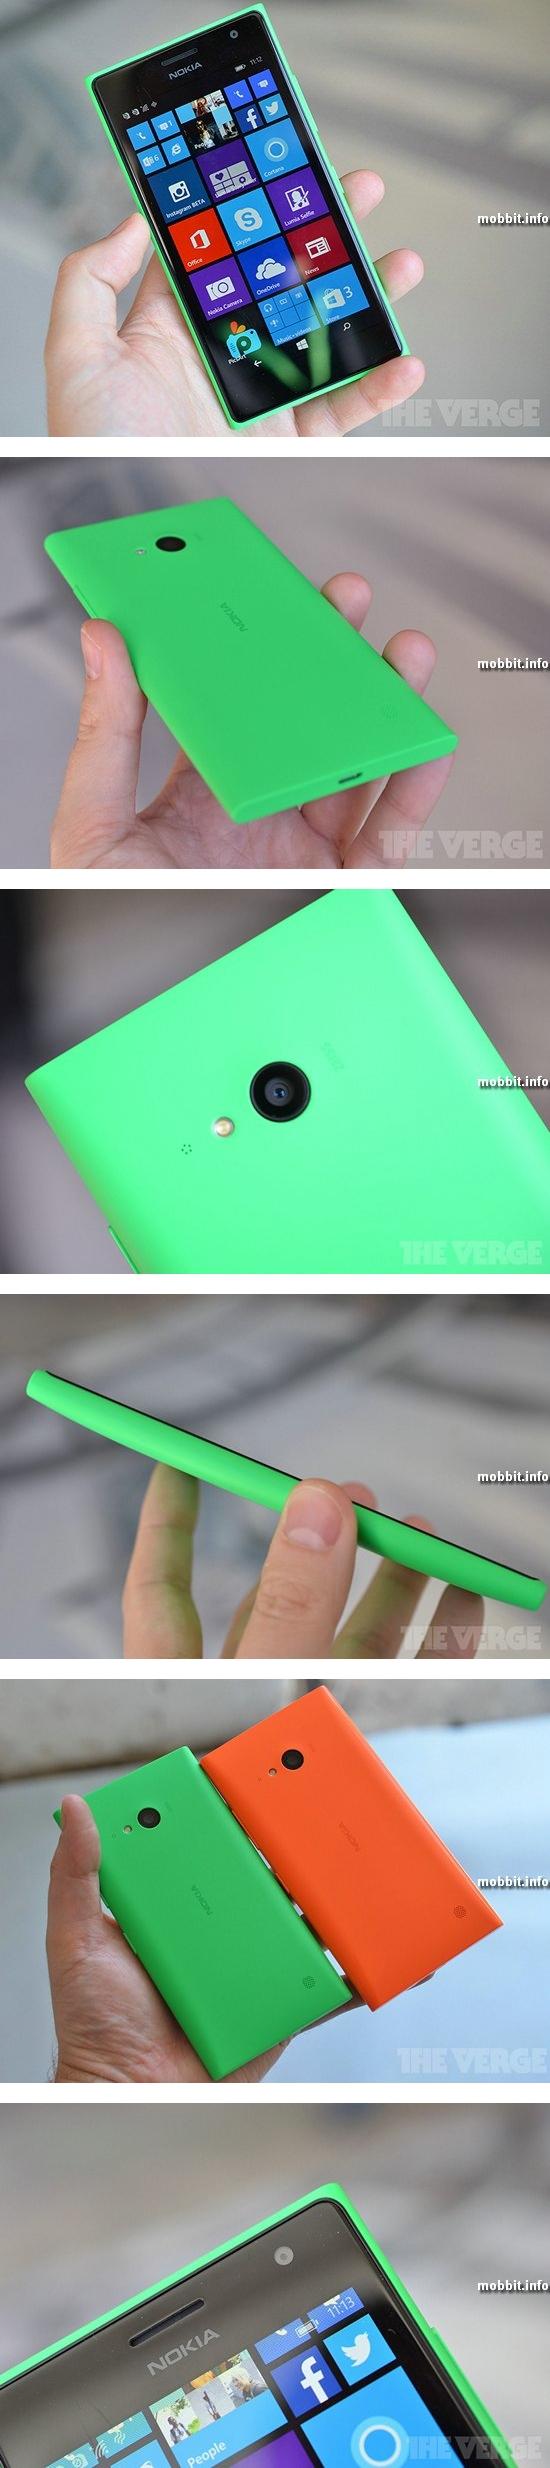 Nokia Lumia 730 и Lumia 735